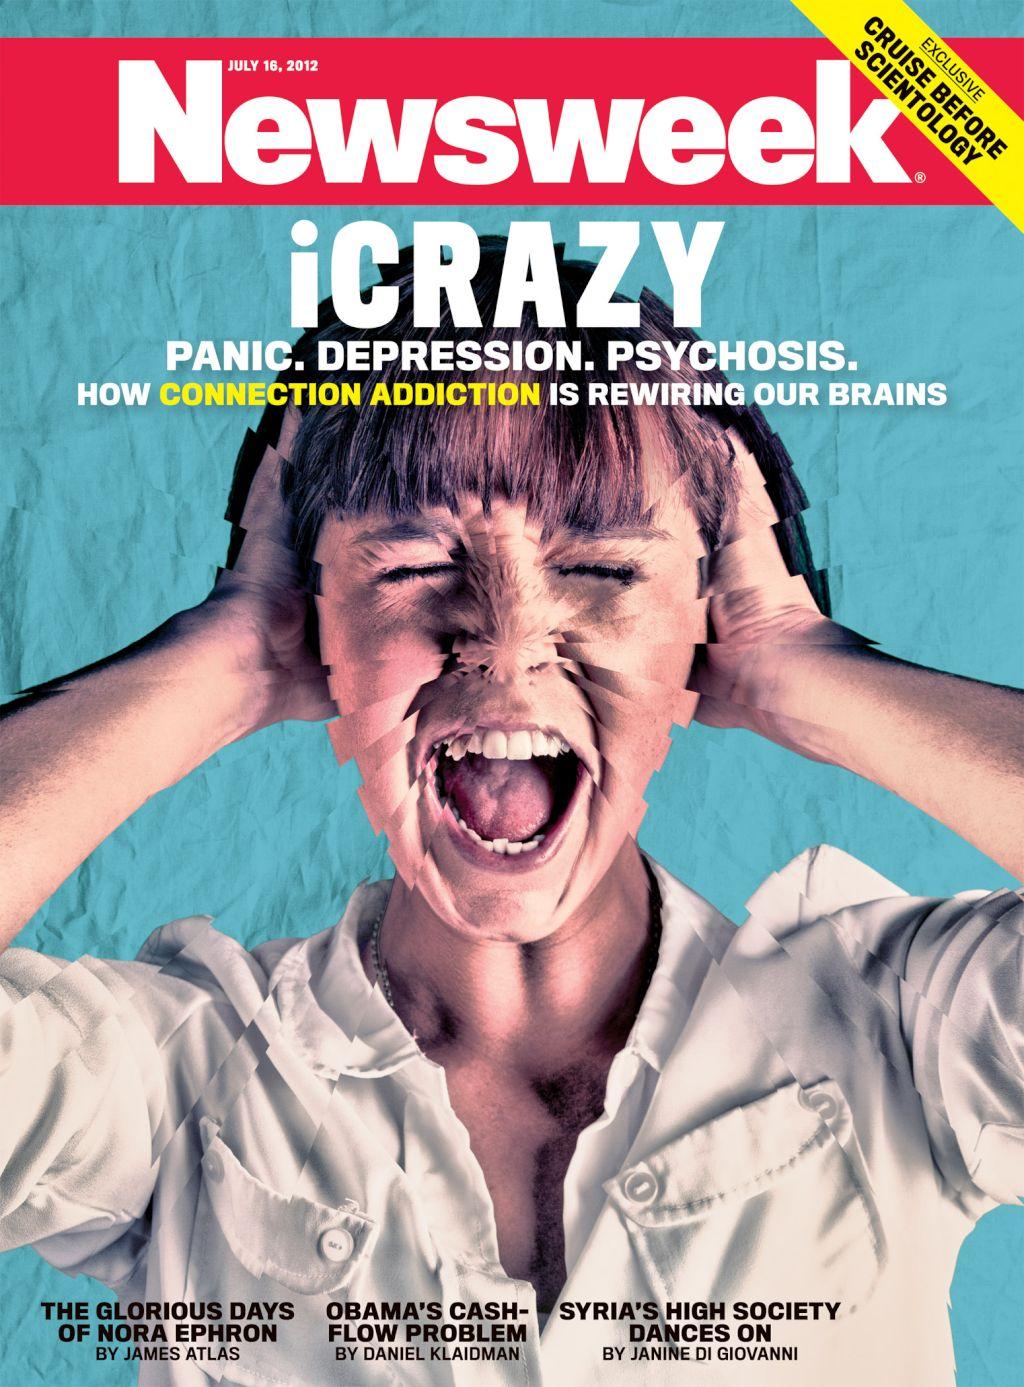 newsweek_icrazy.jpg large.jpg